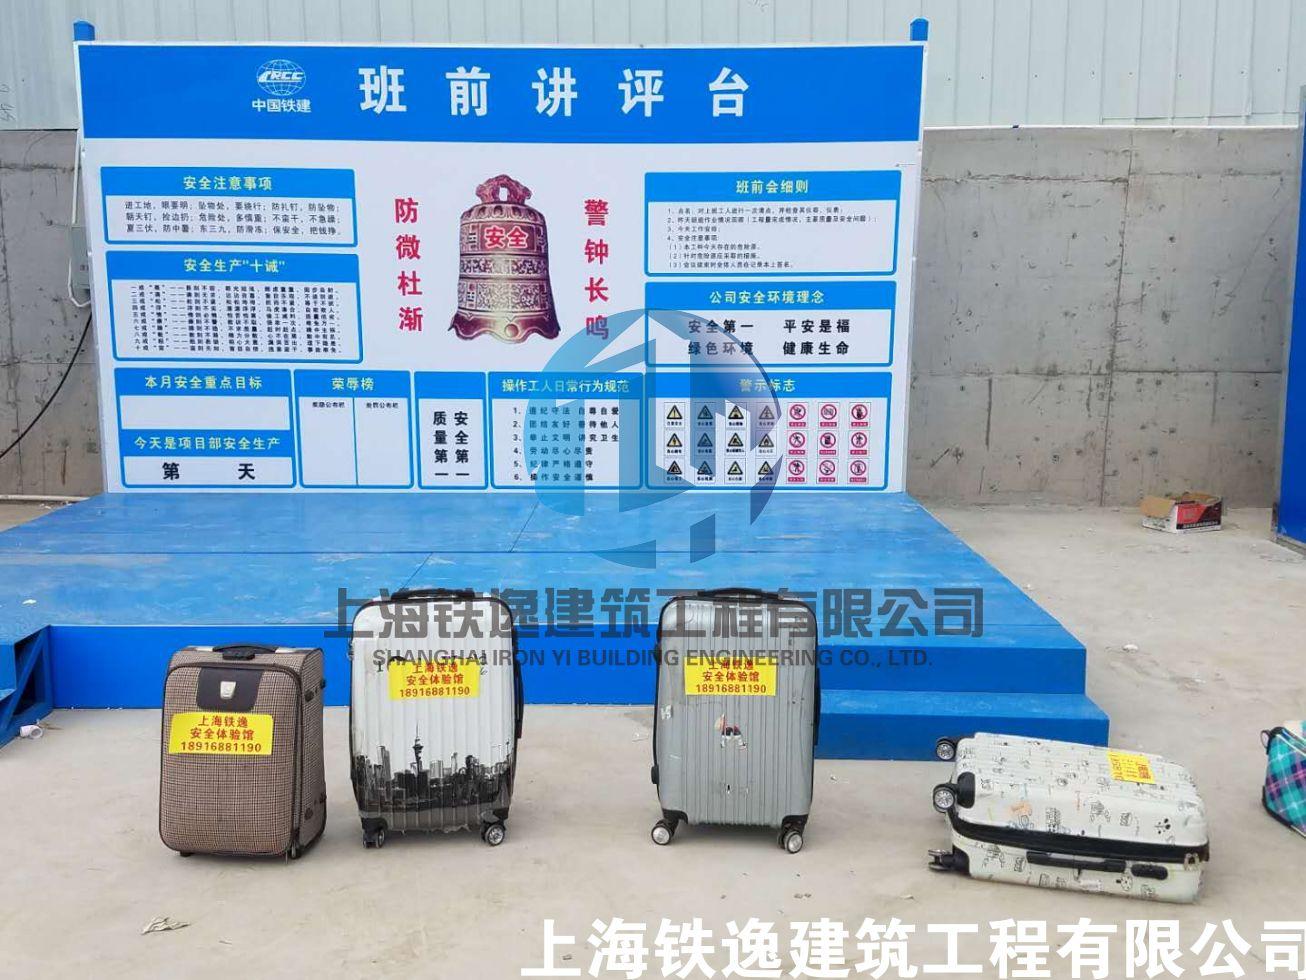 甘肃张掖中铁二十局安全体验馆项目